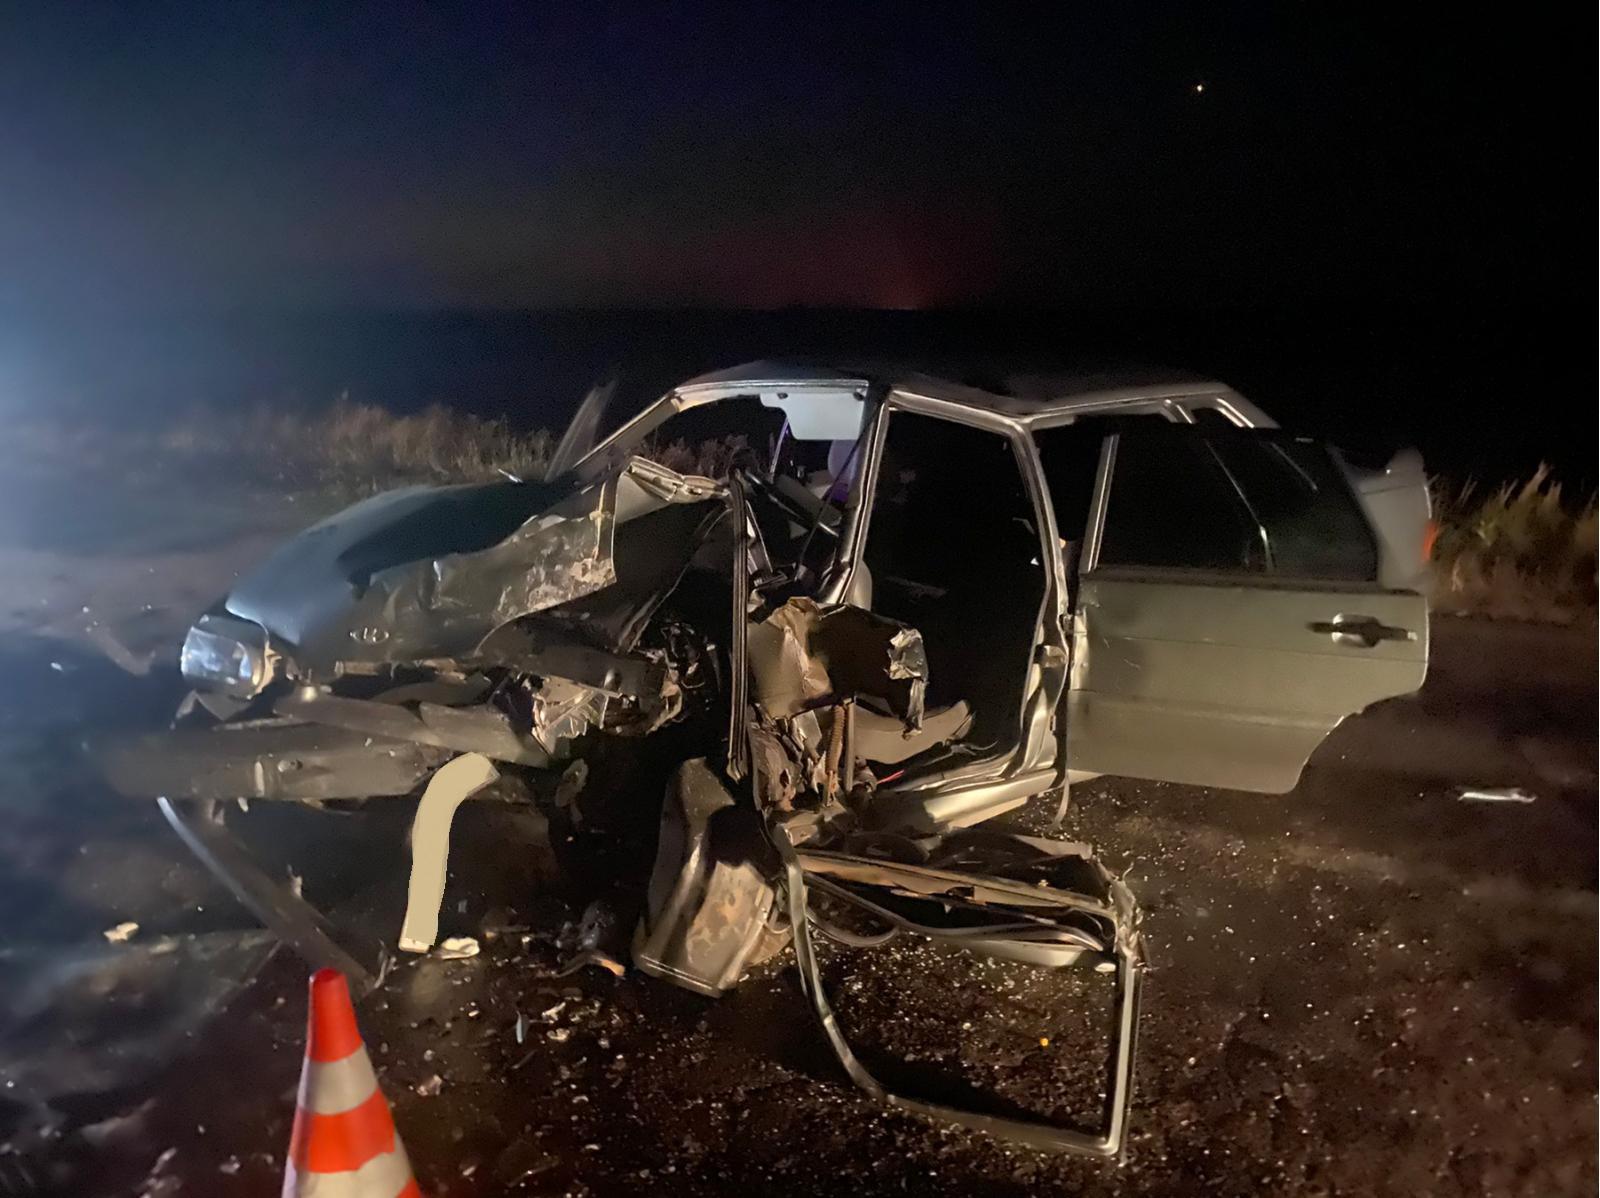 Два человека пострадали в ночной аварии в Самарской области